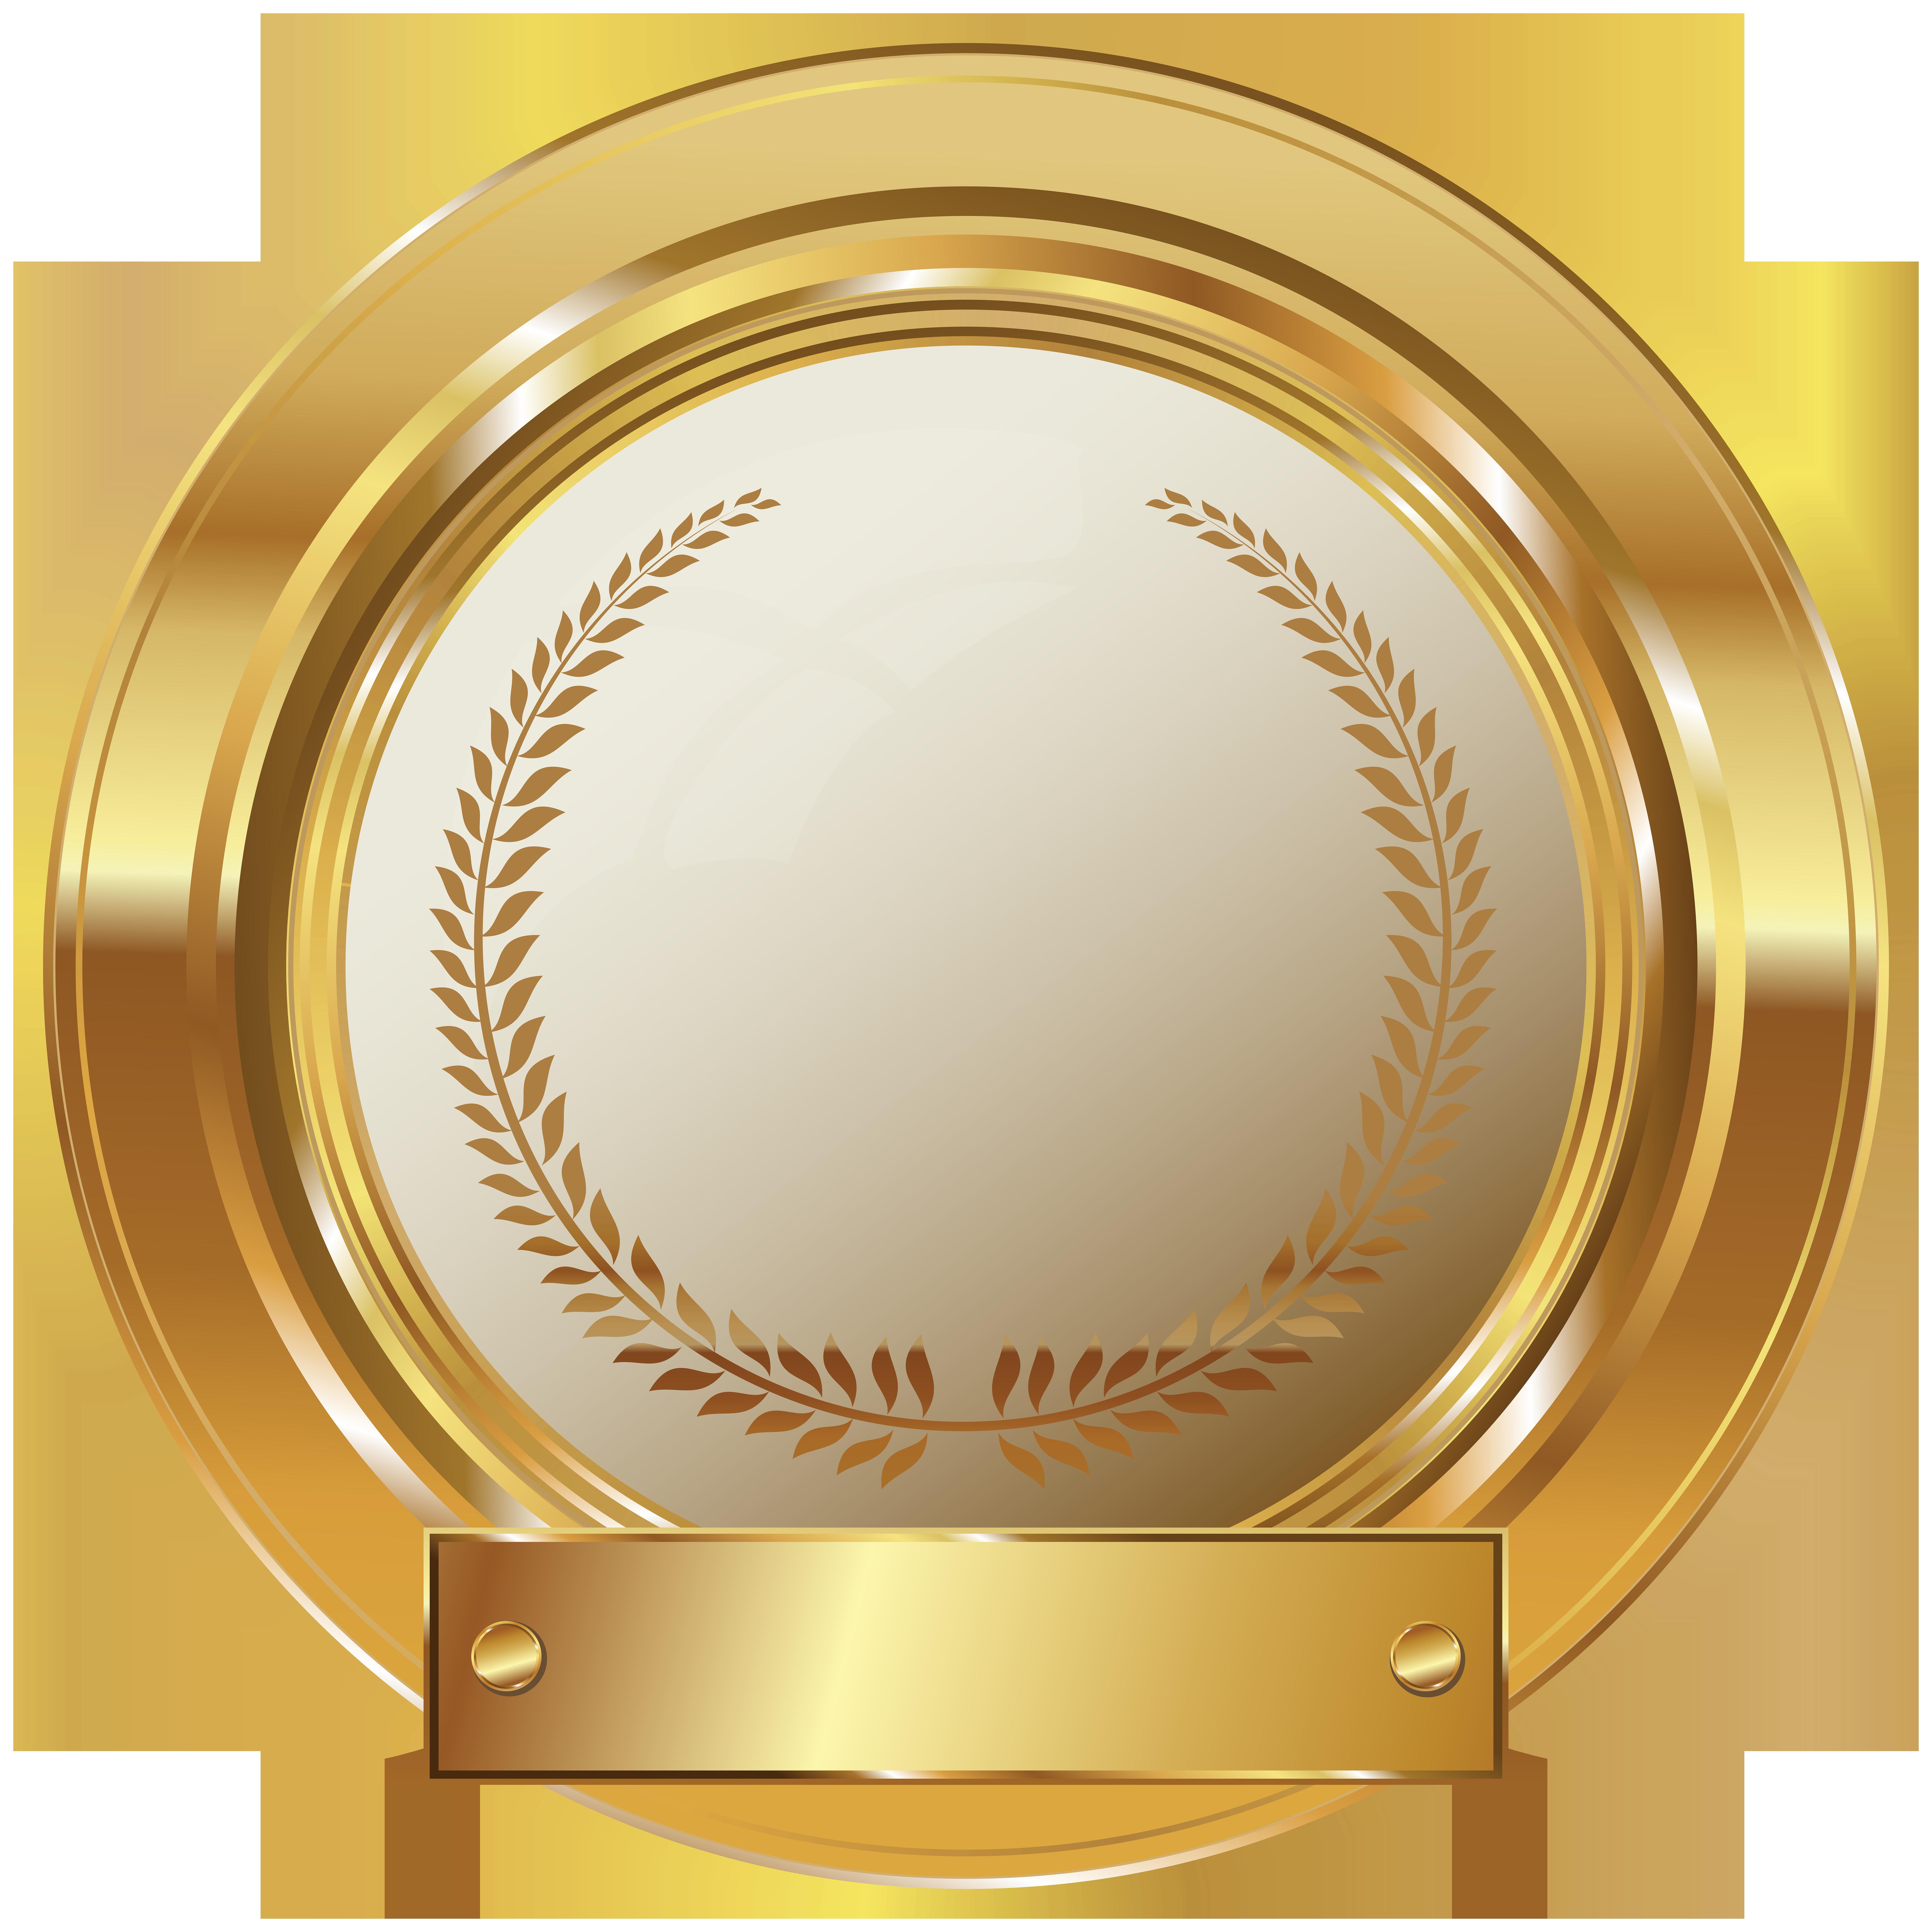 Gold Seal PNG Clip Art Image Clip art, Art logo, Clip